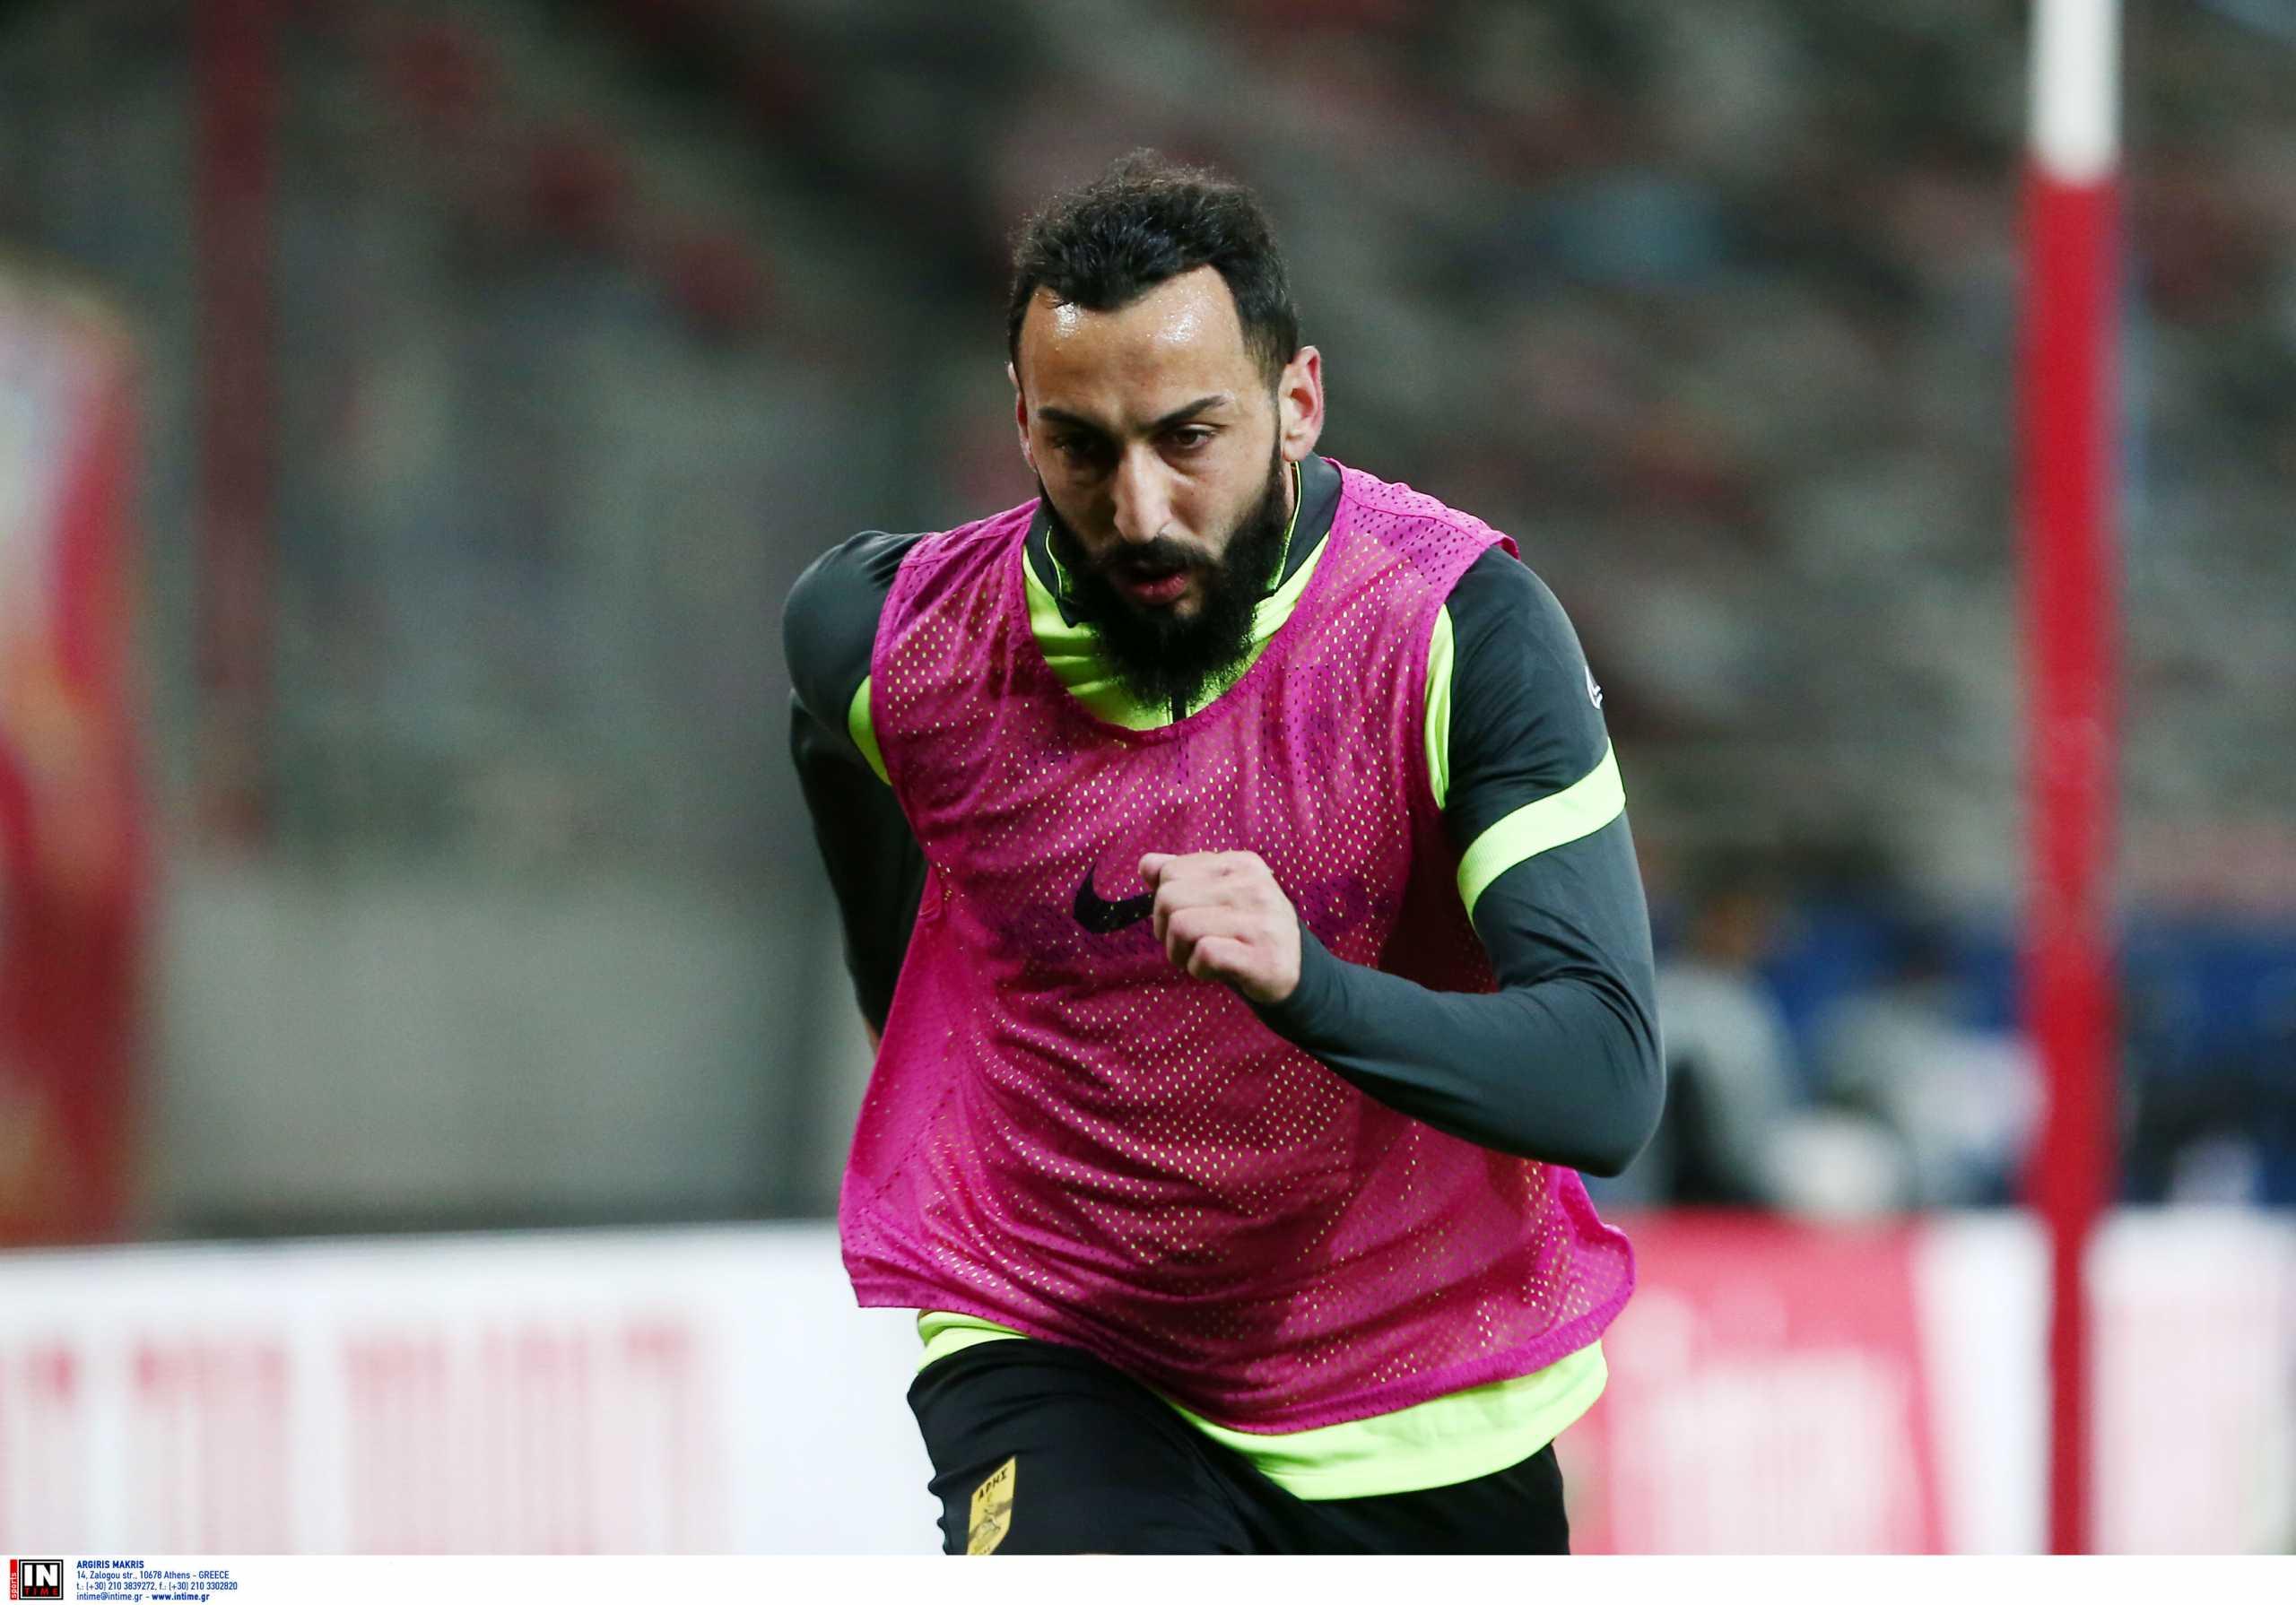 Άρης: Προπονήθηκε κανονικά ο Μήτρογλου και παίζει με ΑΕΚ